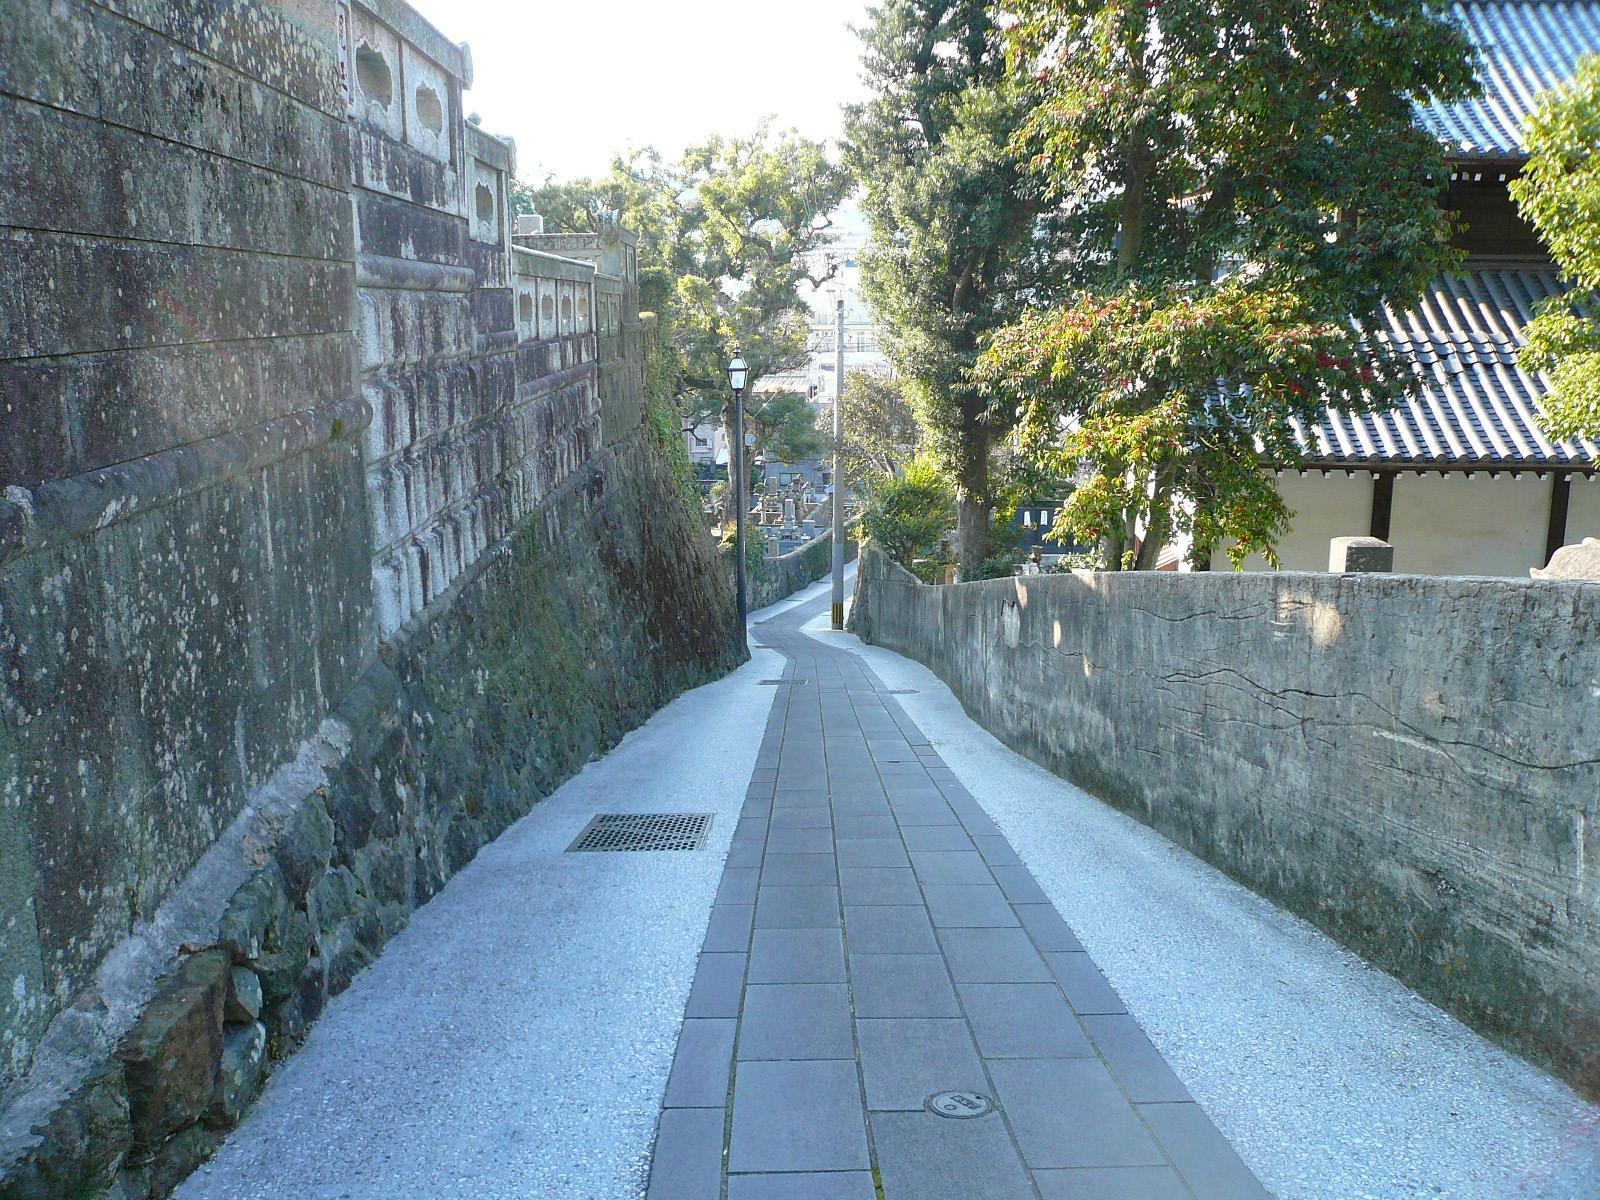 カズオイシグロ ukiyonogaka